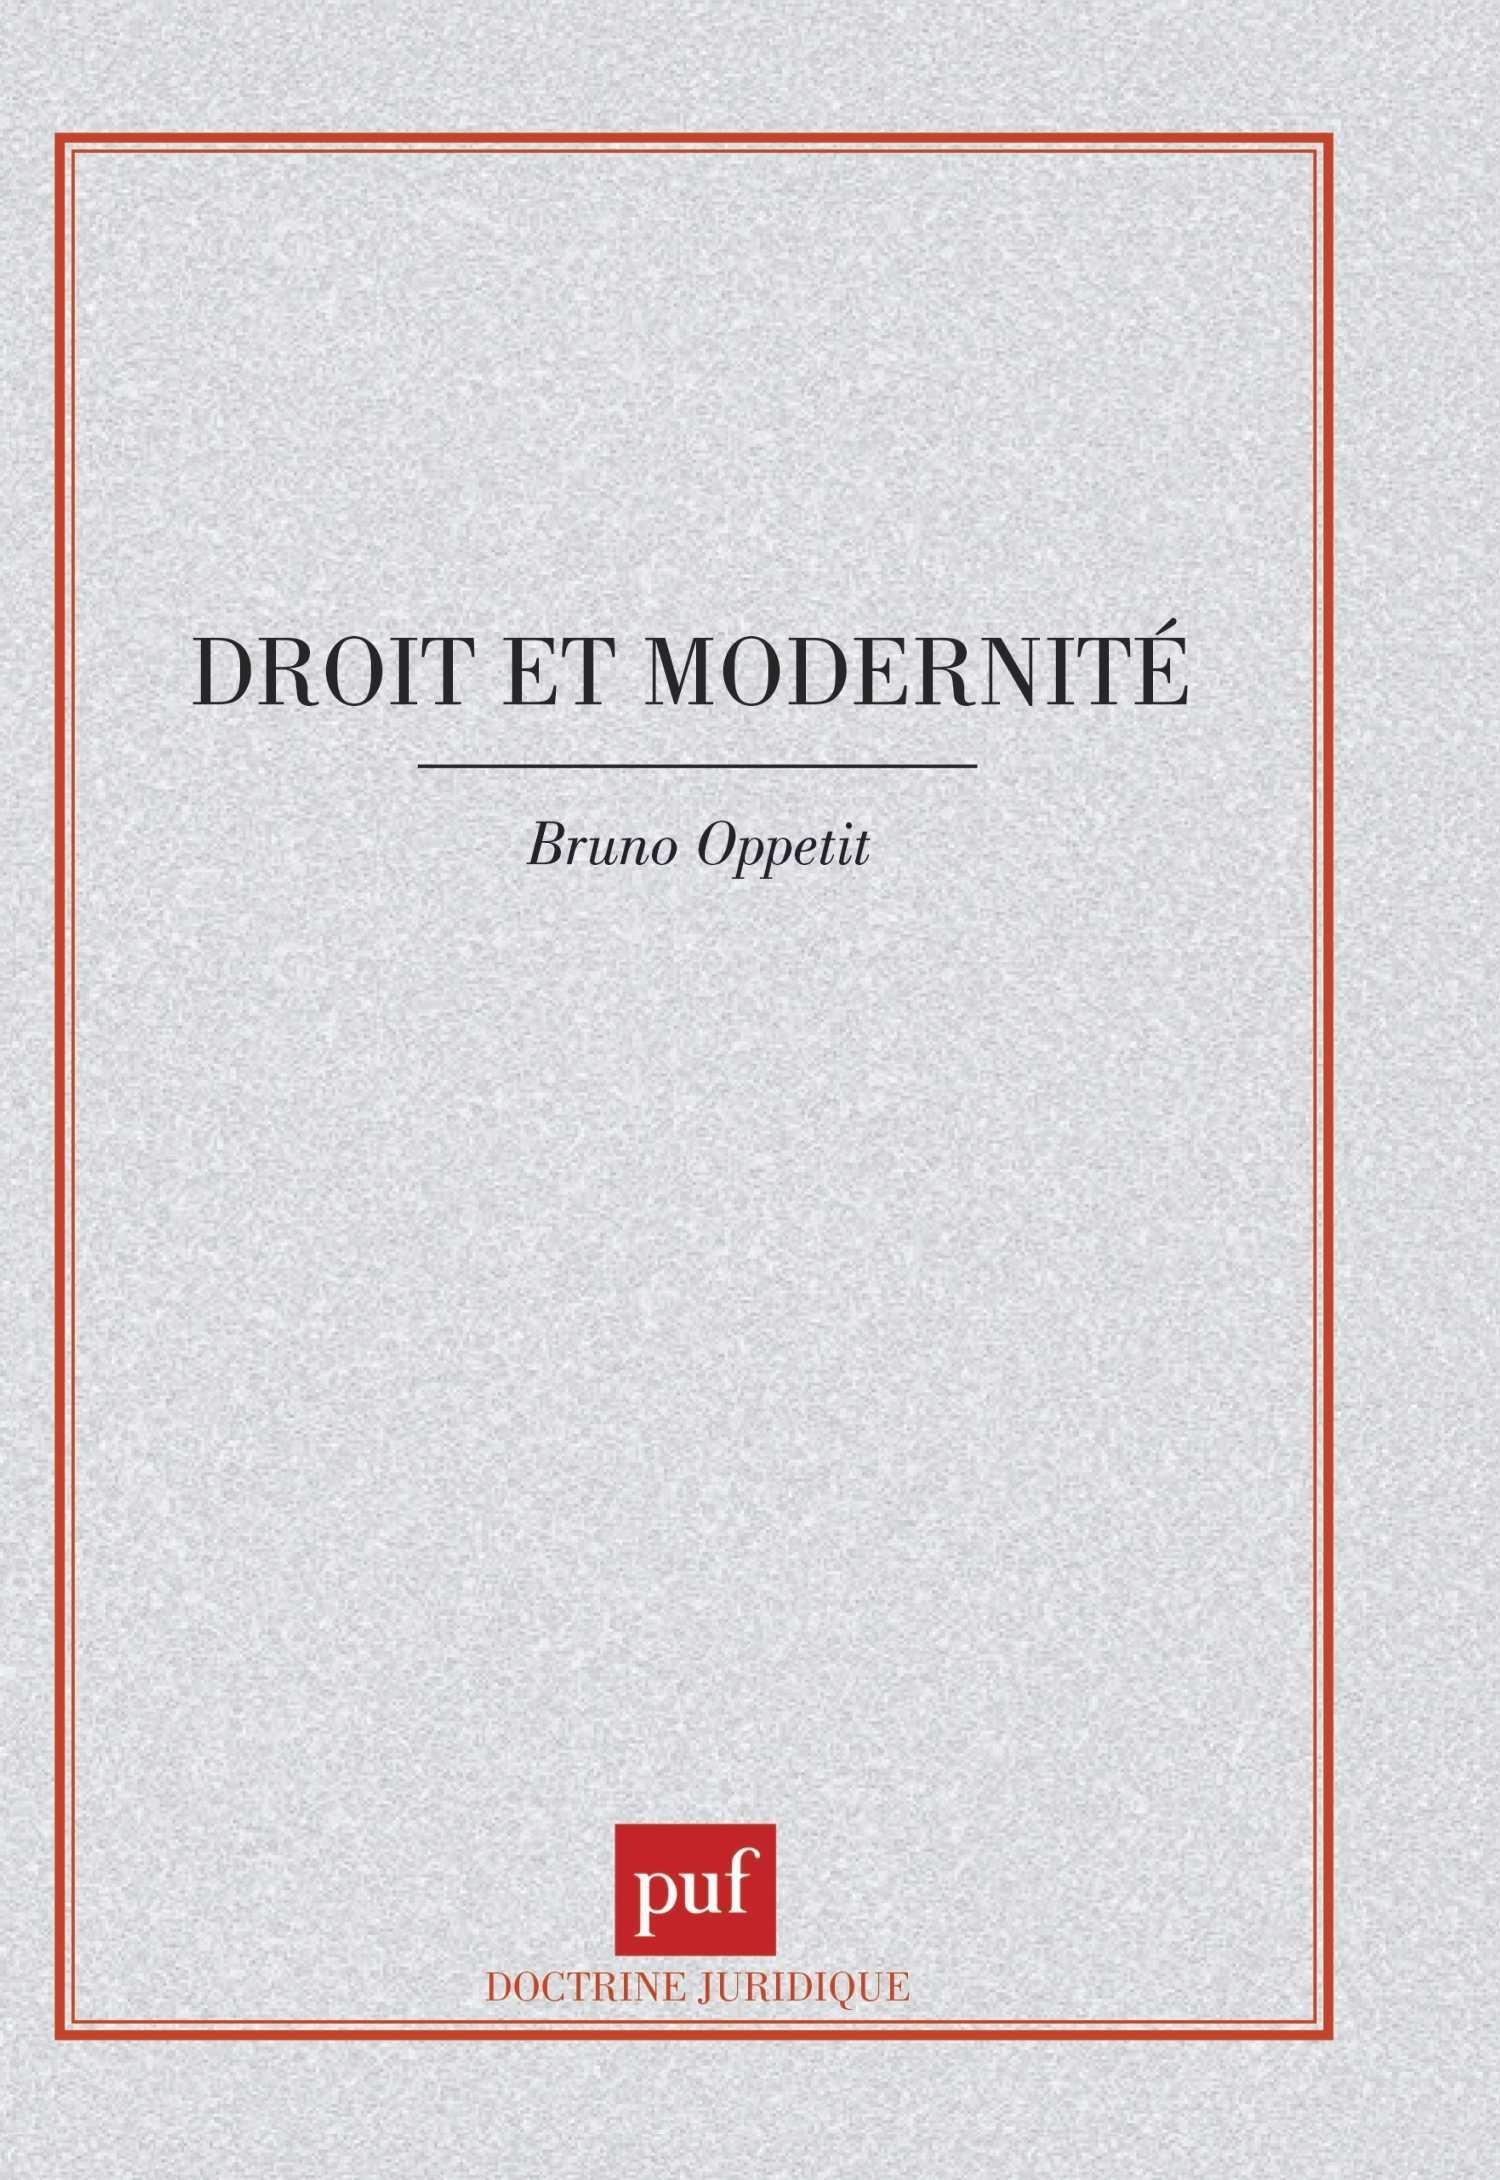 Droit et modernité Broché – 1 août 1998 Bruno Oppetit 2130493297 Université - Droit Sources